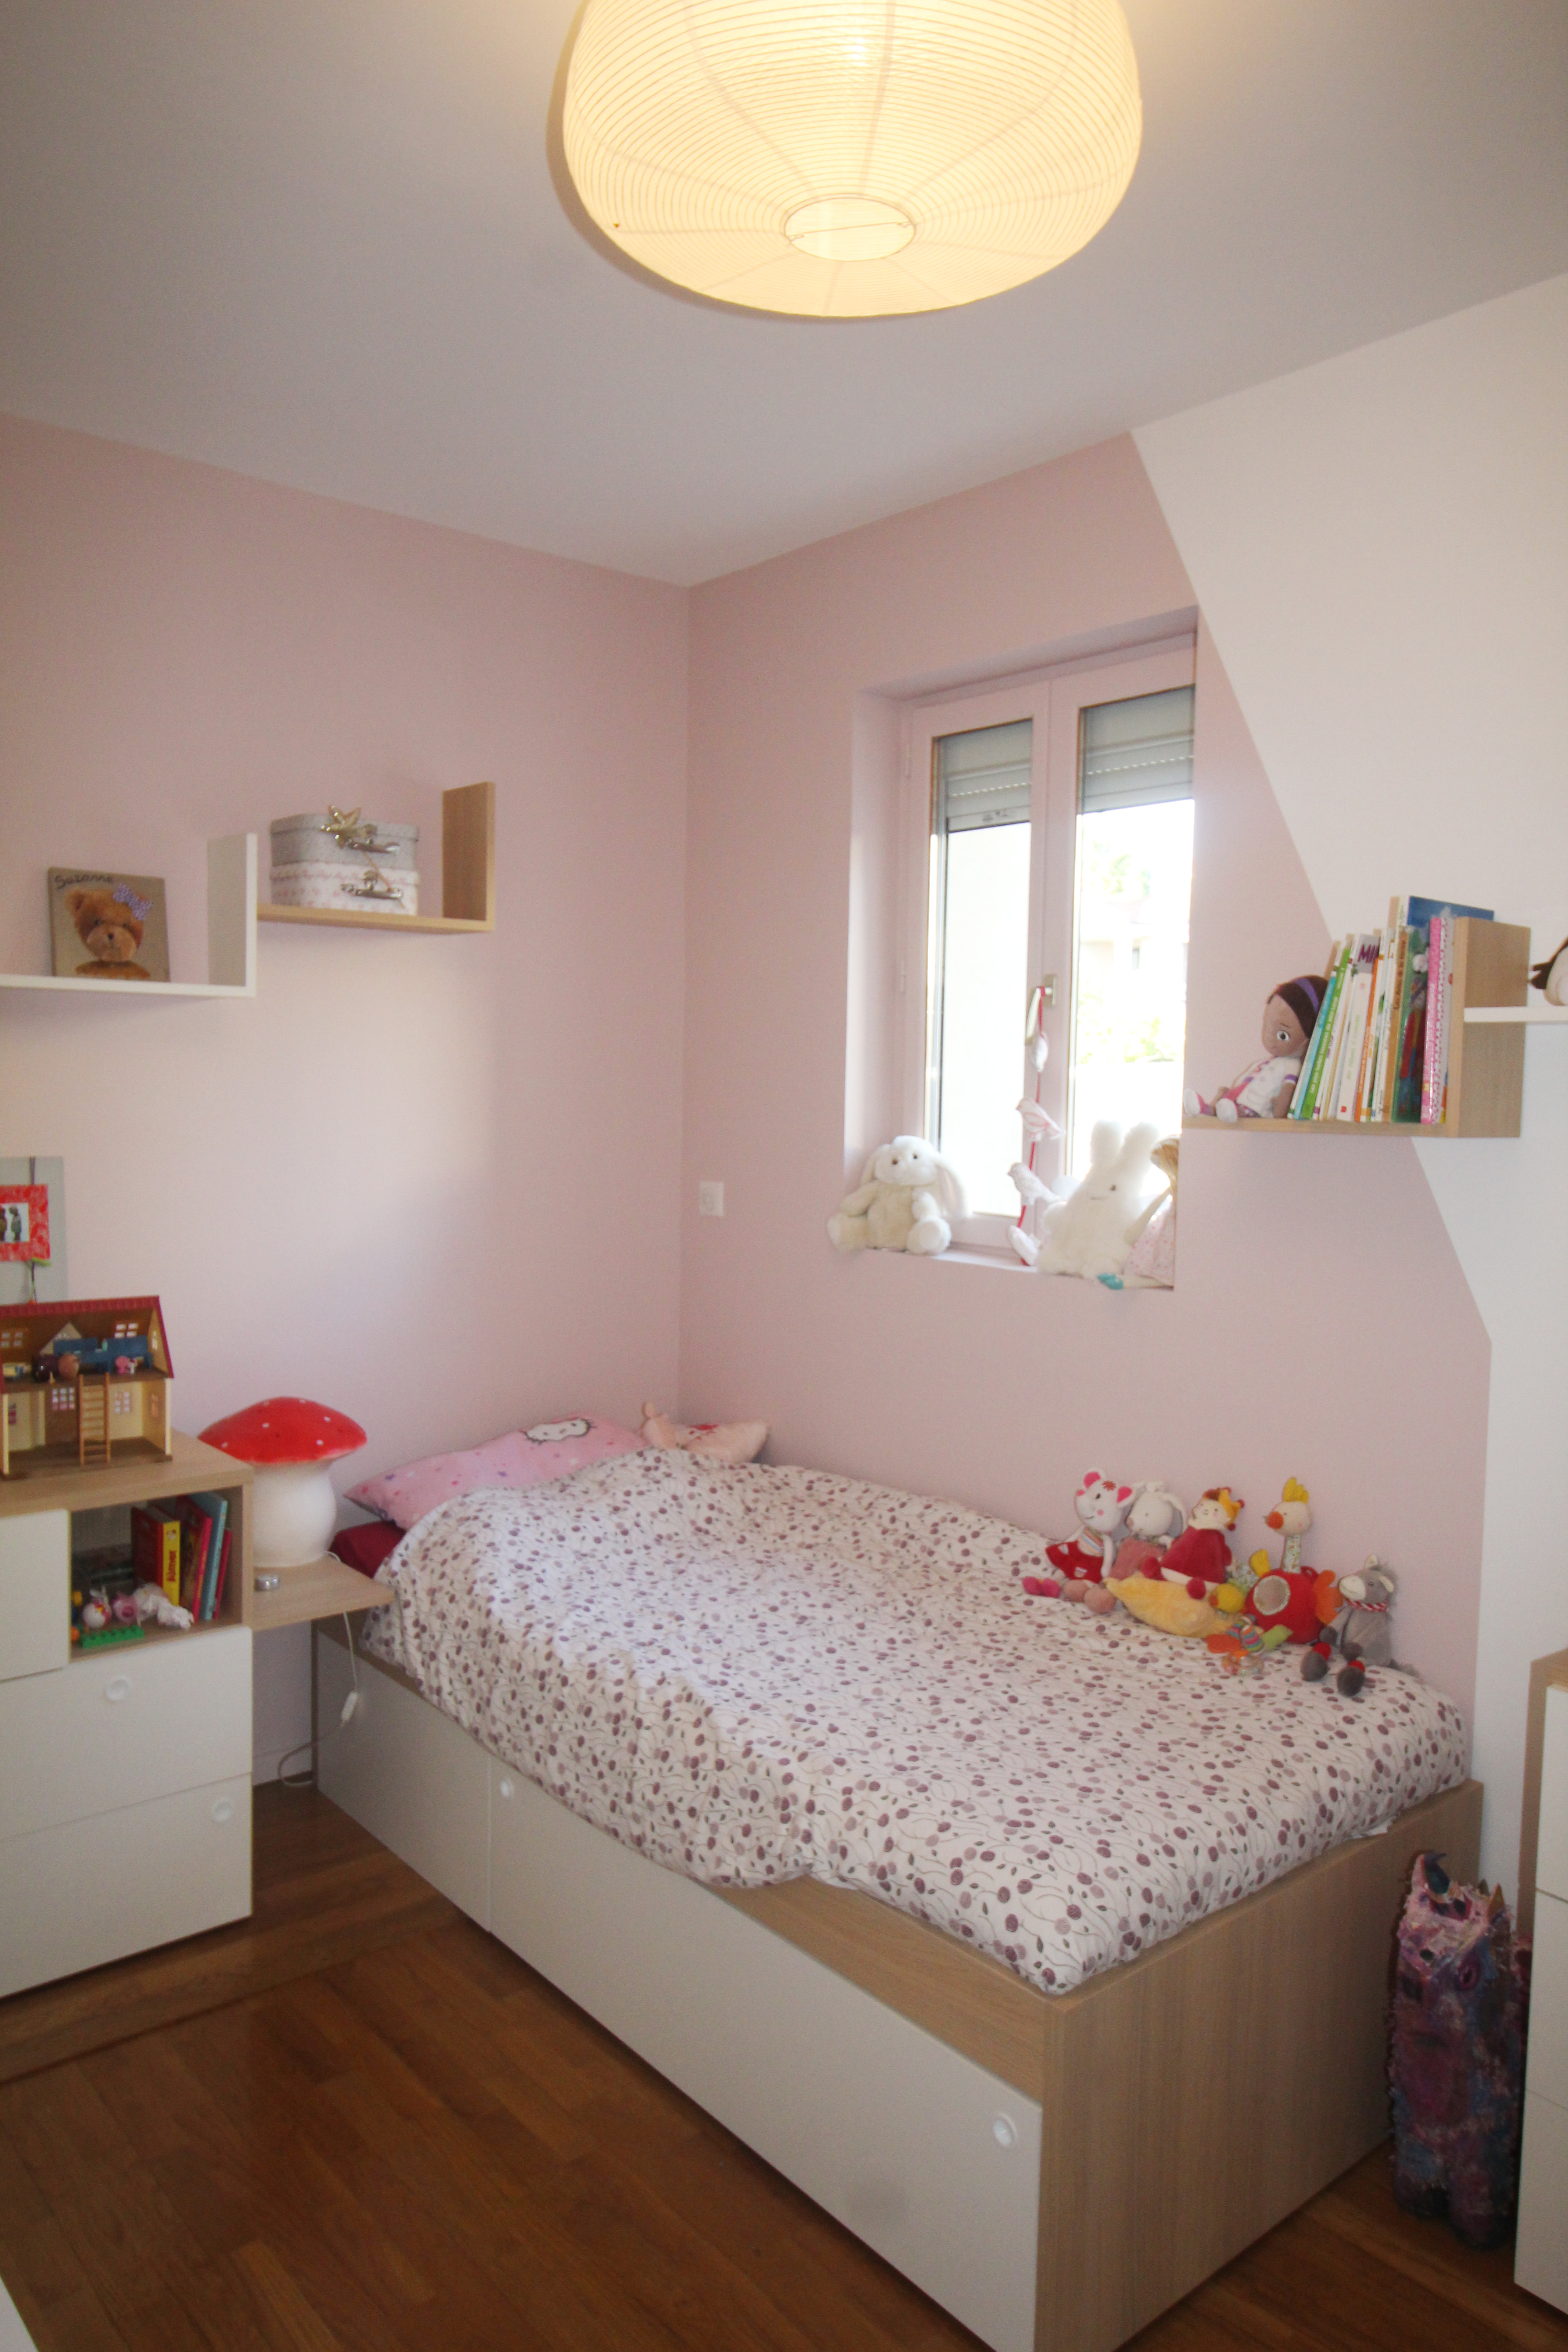 chambre d 39 une petite fille l 39 esprit scandinave vertinea. Black Bedroom Furniture Sets. Home Design Ideas